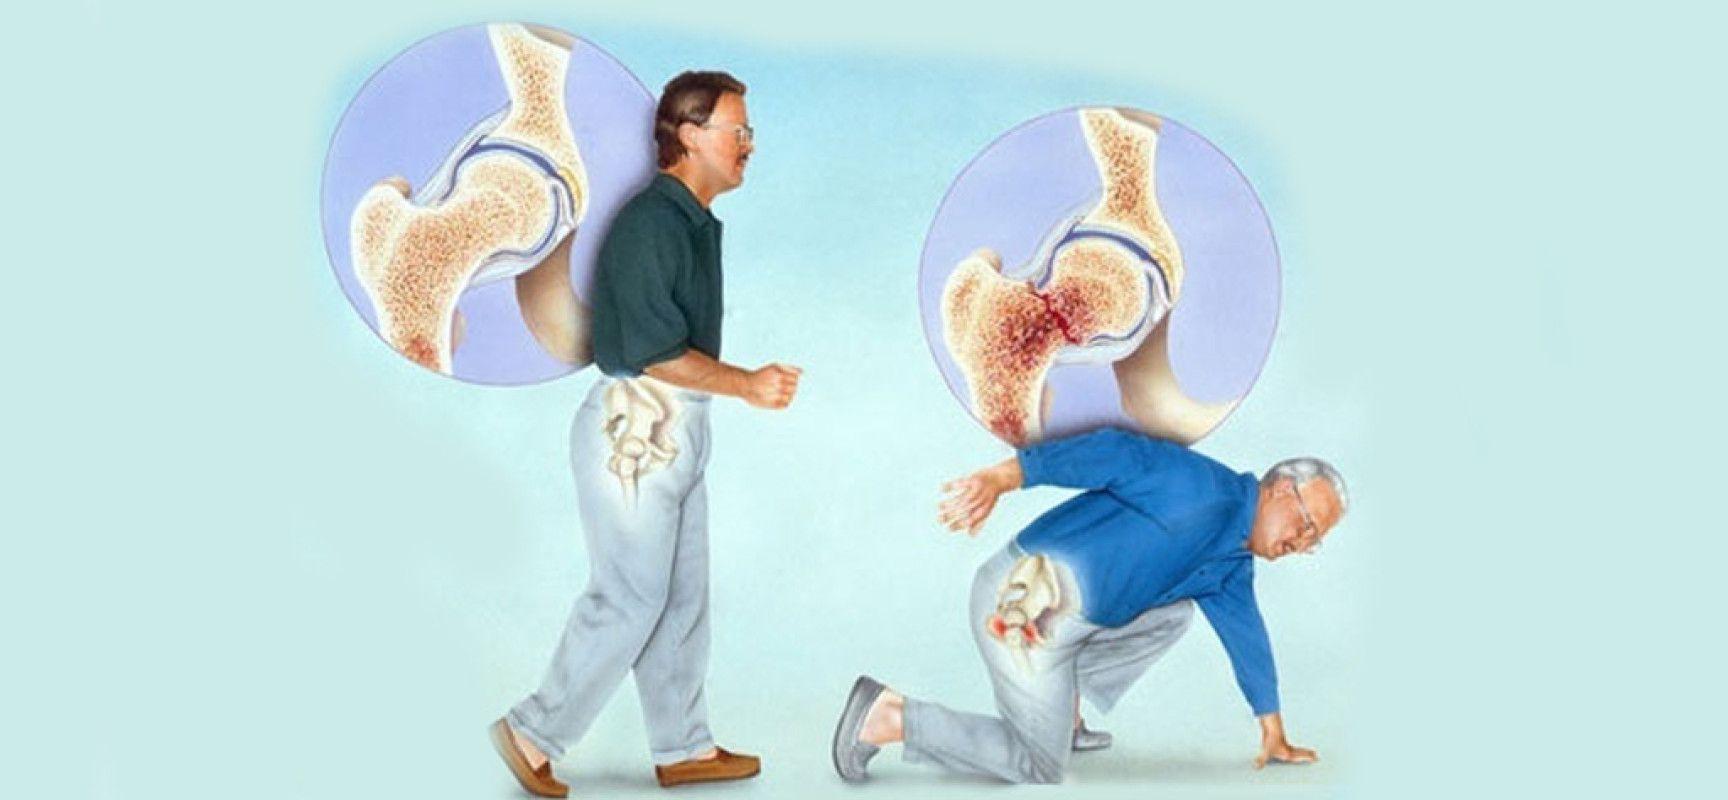 Остеопороз: как распознать болезнь, степени, классификация ВОЗ, осложнения, лечение